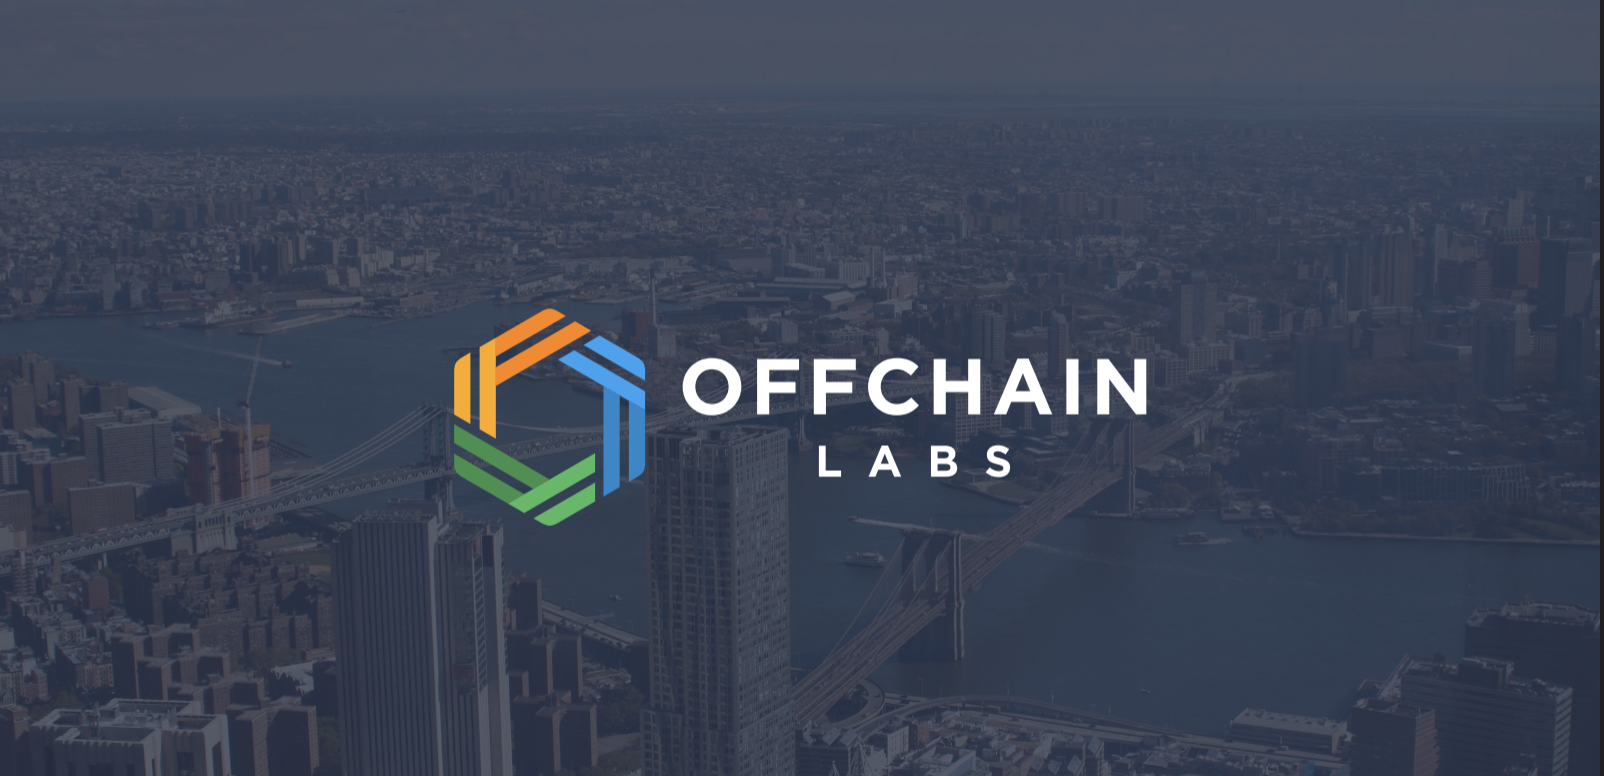 Offchainlab